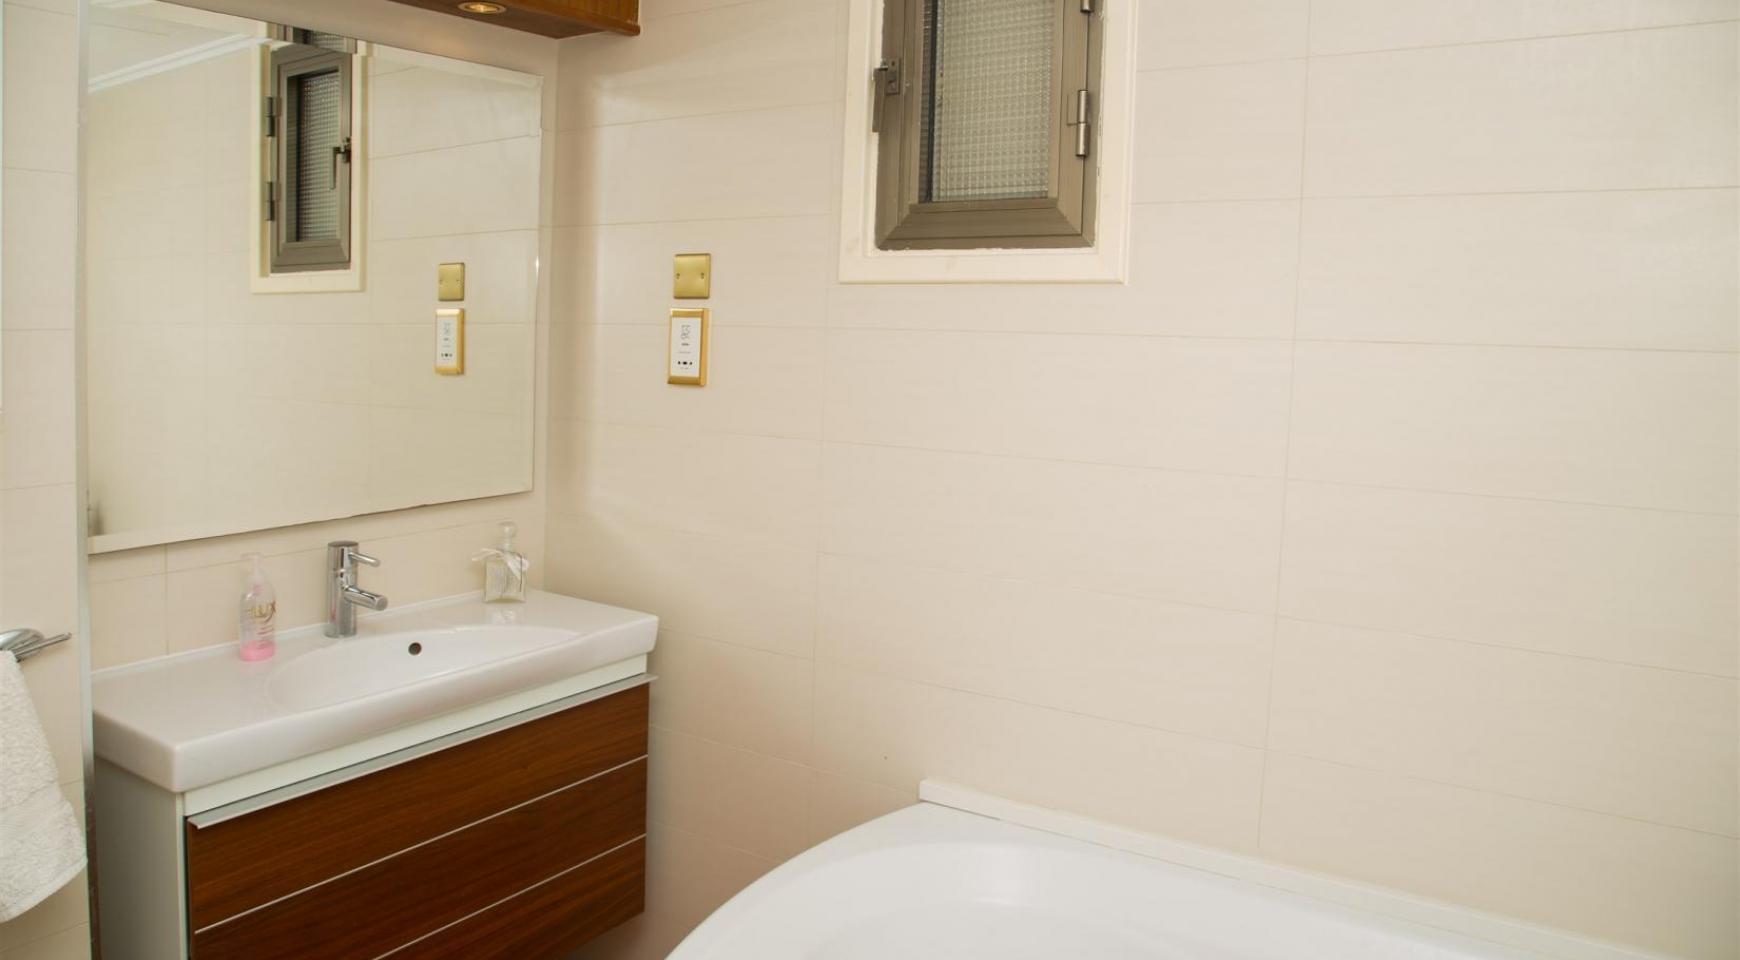 Современная 3-Спальная Квартира Категории Люкс на Берегу Моря в Комплексе Thera   - 29